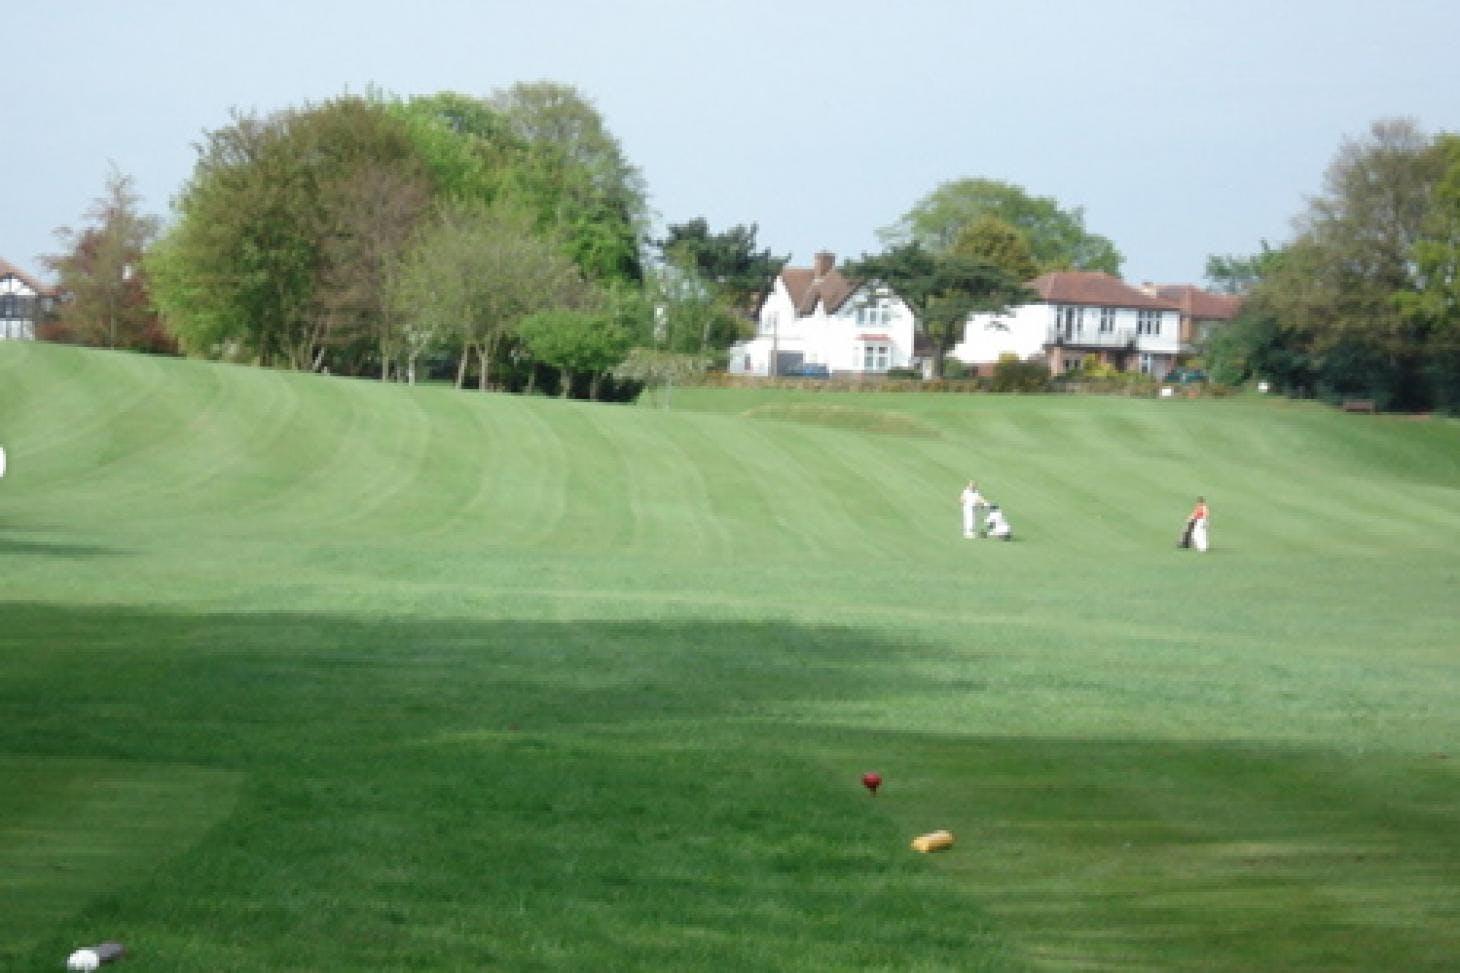 Bexleyheath Golf Club 9 hole golf course